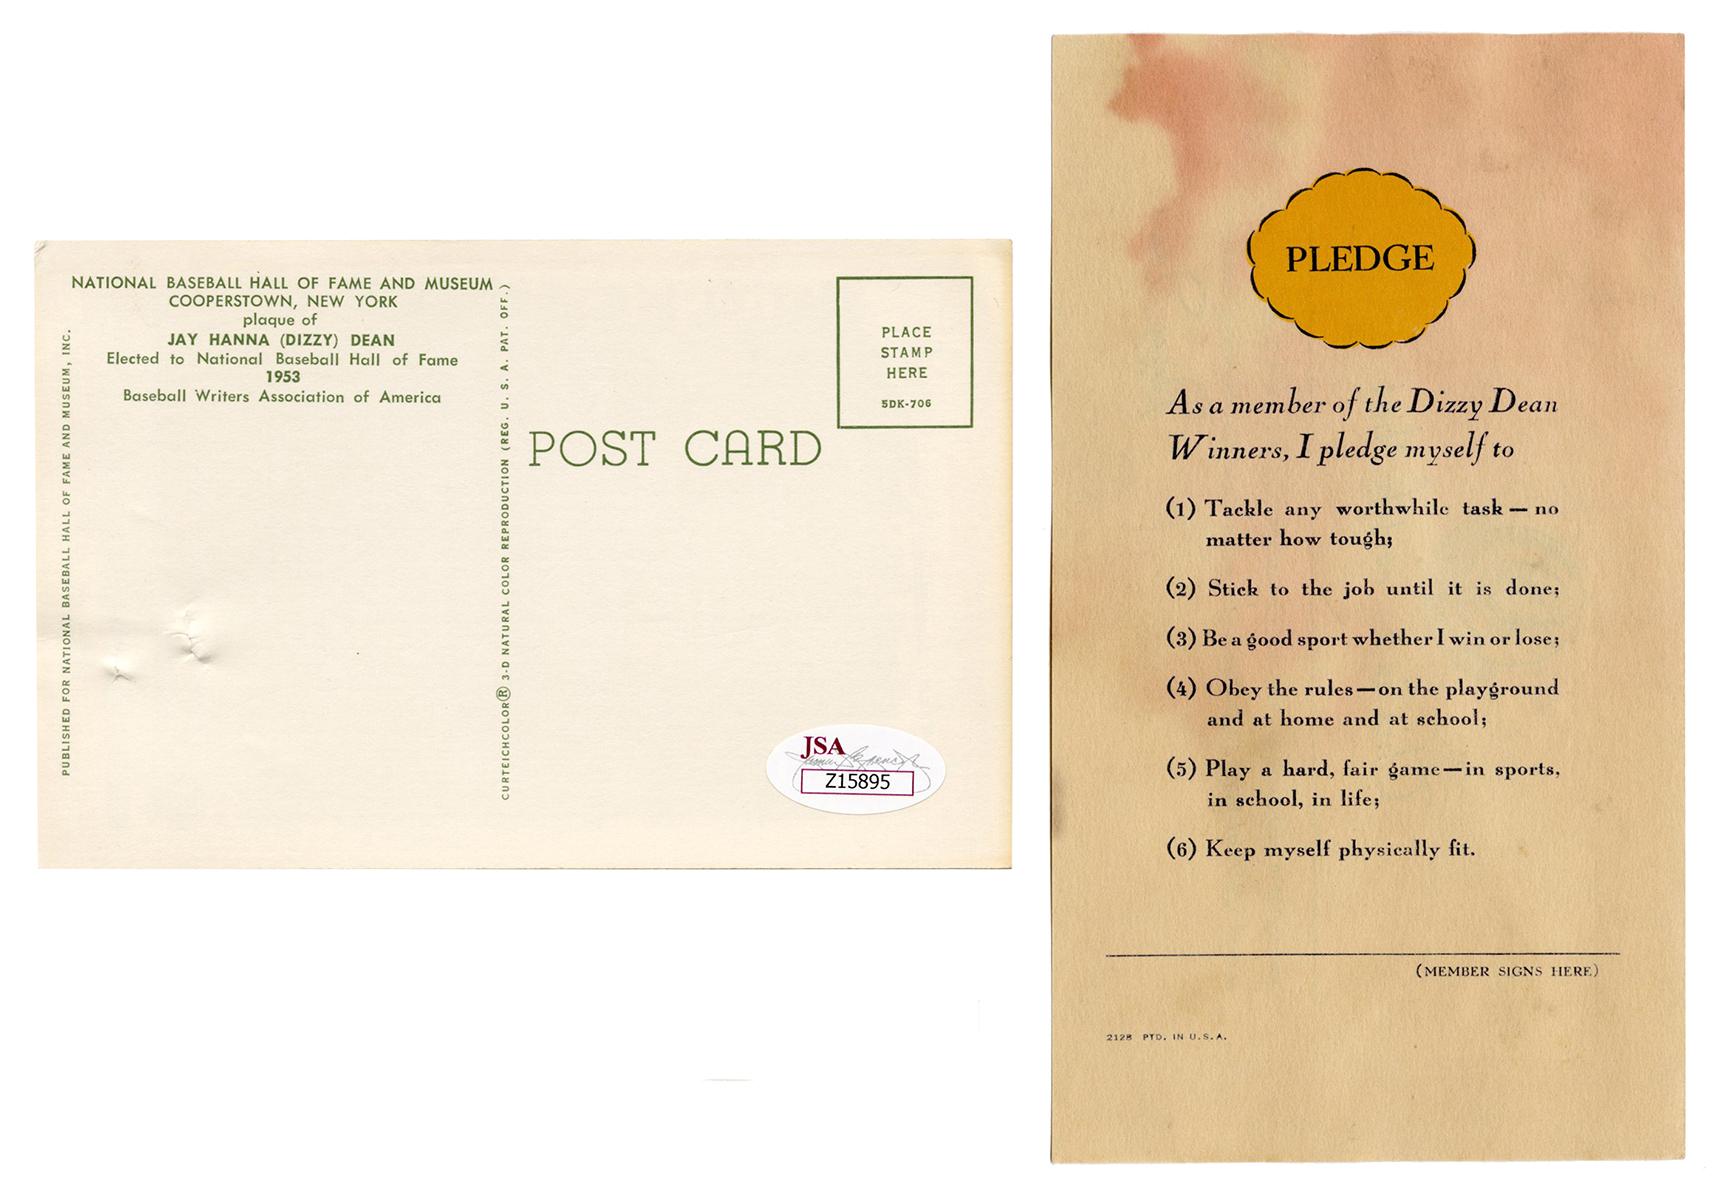 certification jsa dizzy hof dean postcard signed glossy bidding